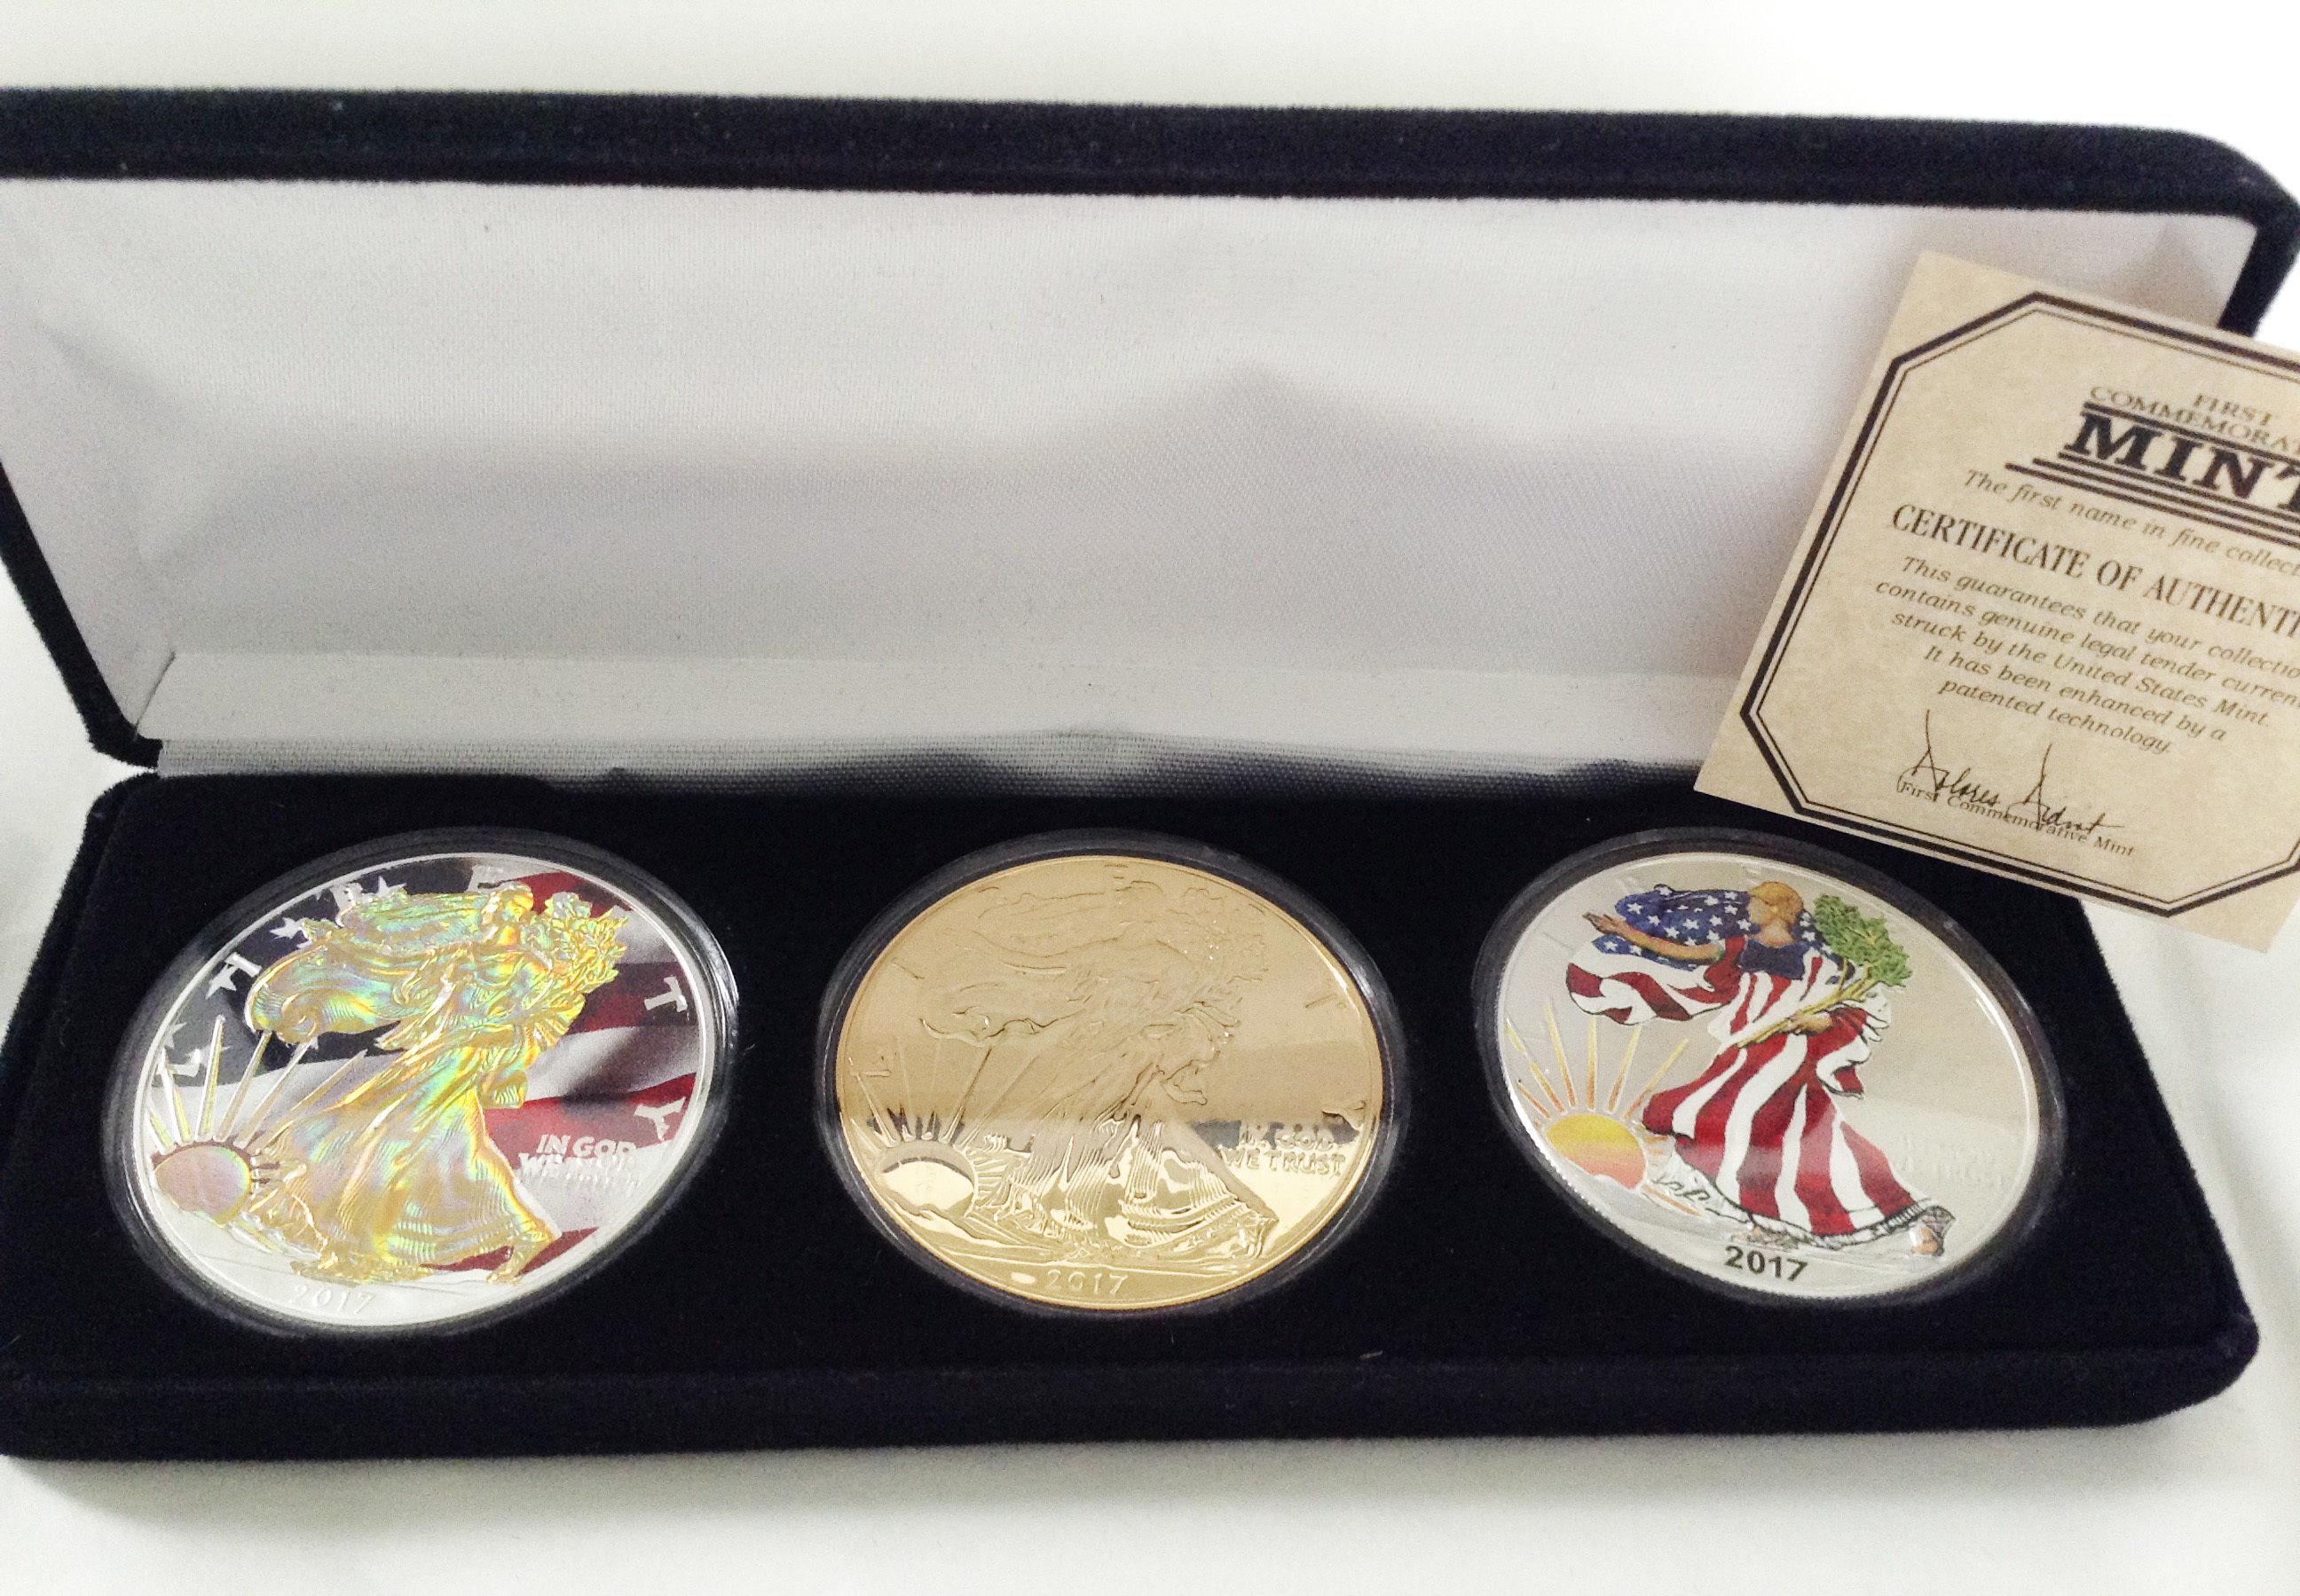 希少 アメリカン イーグル銀貨 ゴールドホログラム&両面ゴールドコーティング&カラライズ コイン 3種セット シルバーコイン 2017年